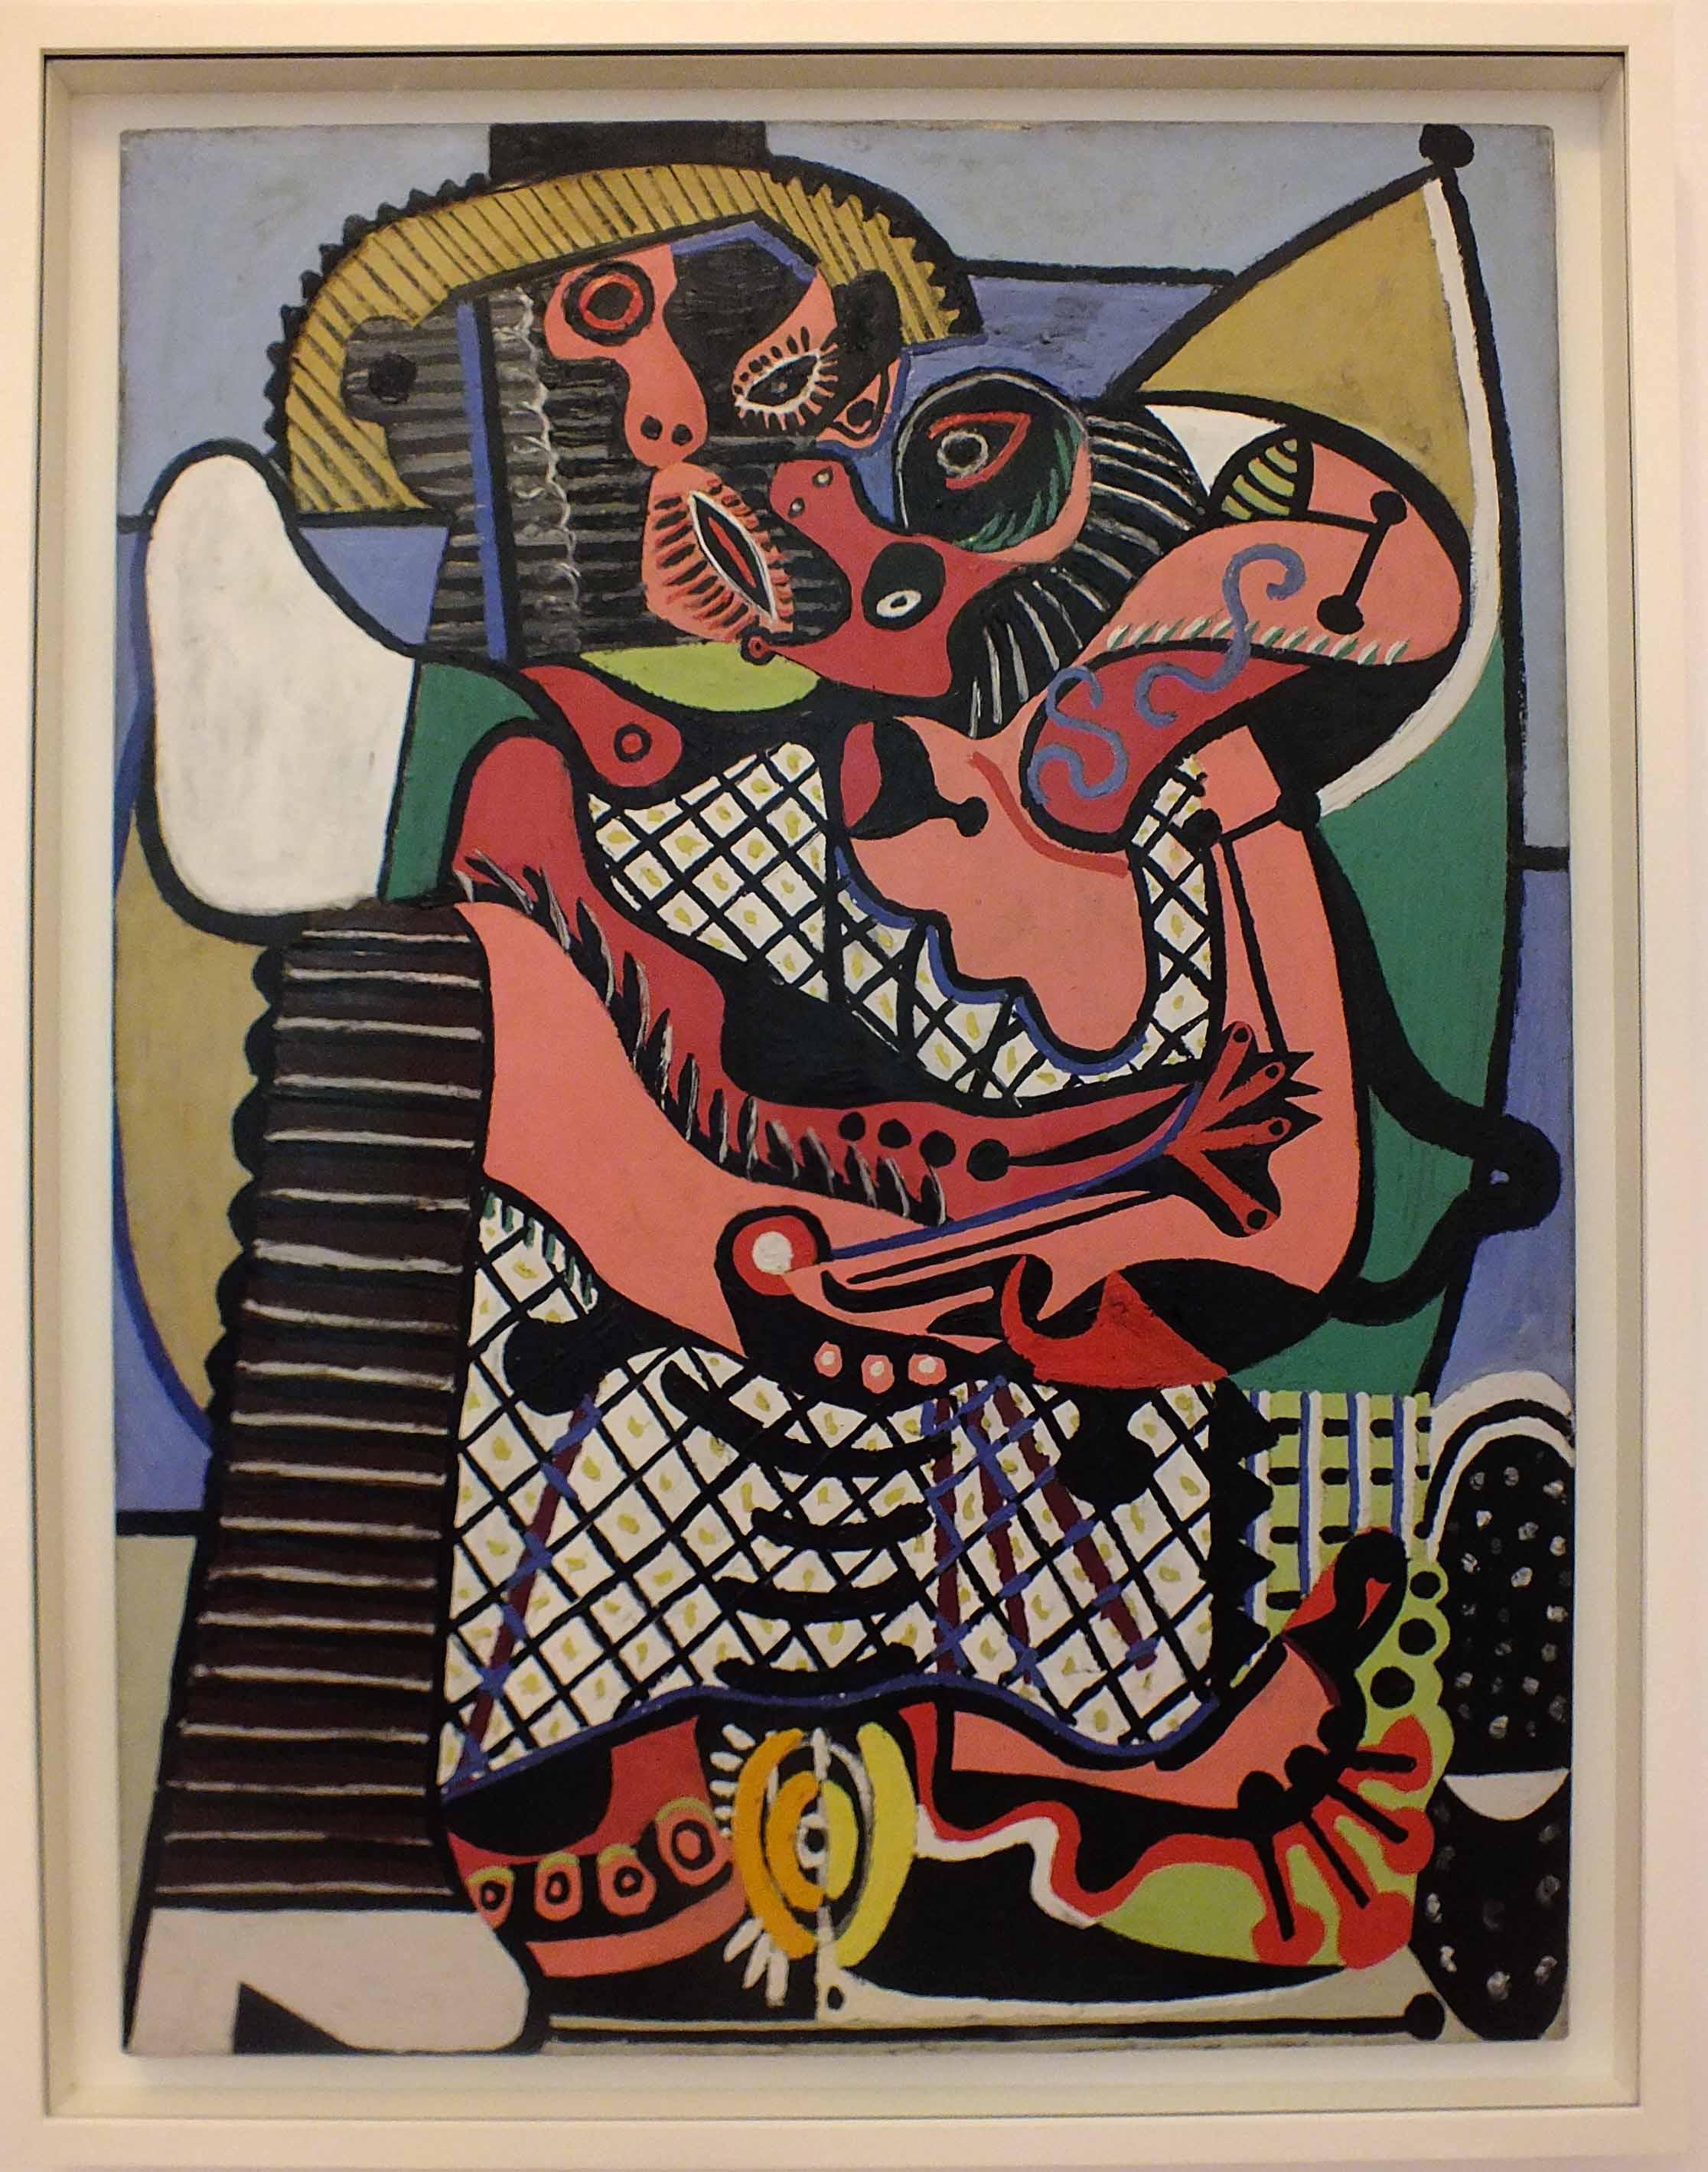 Il bacio. Pablo Picasso. 1925